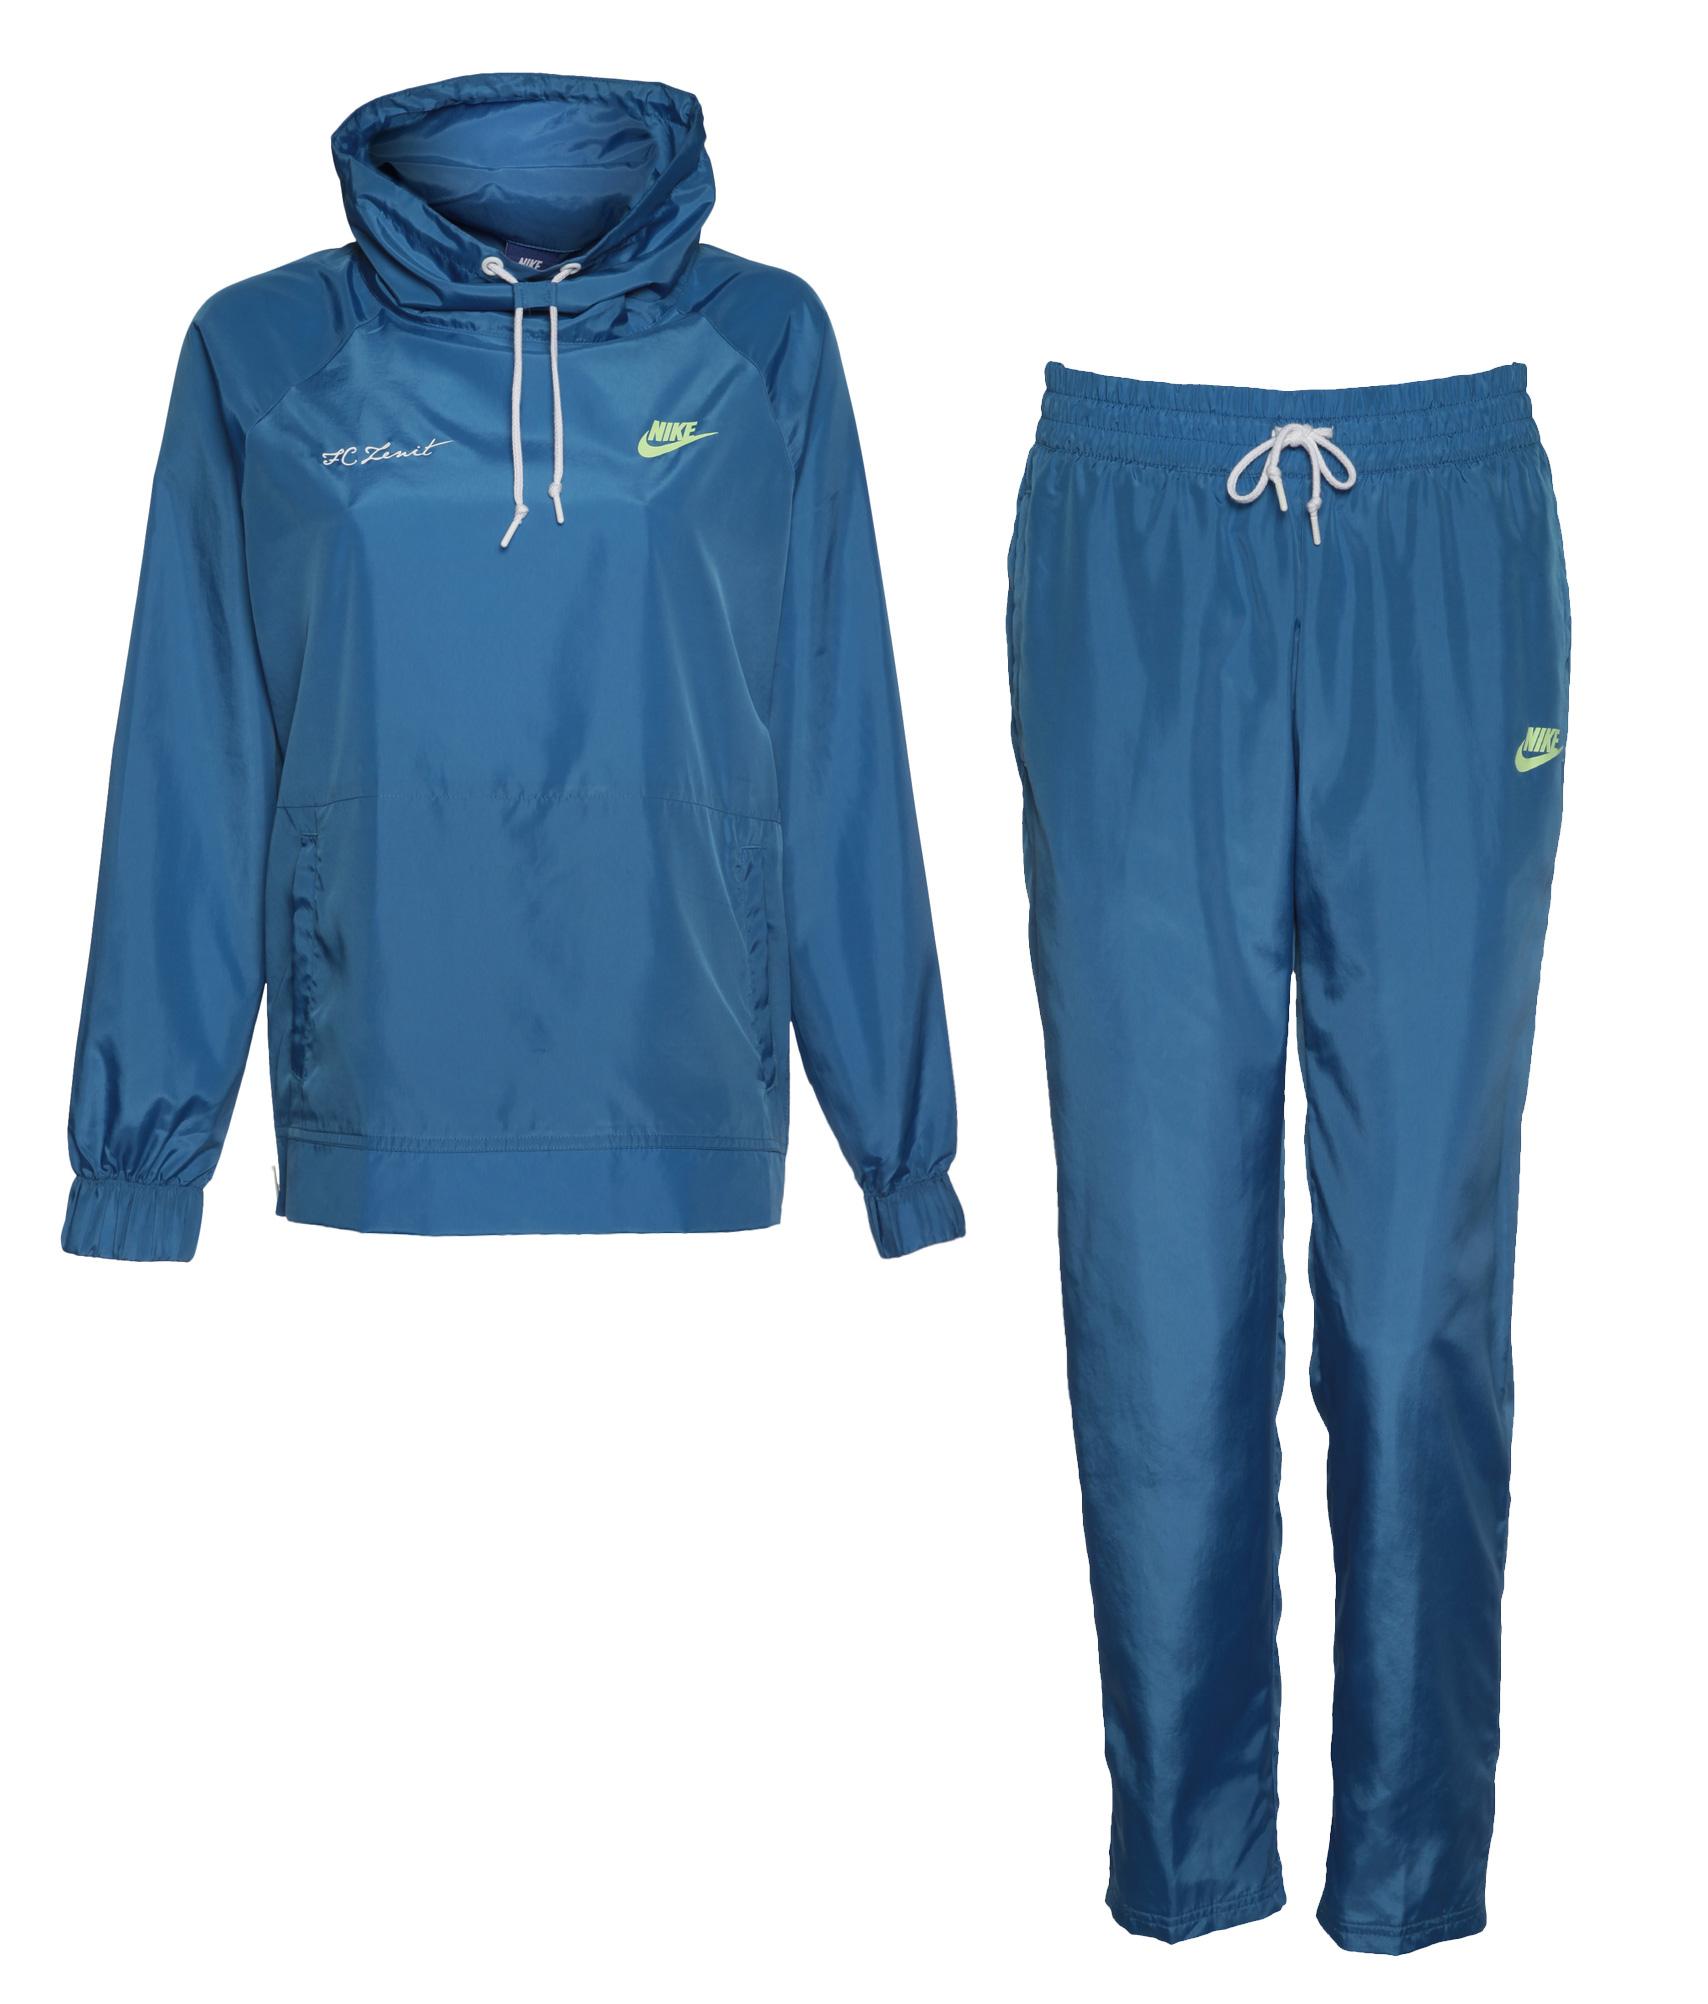 Женский спортивный костюм Nike, Цвет-Голубой, Размер-S поло nike цвет голубой размер m